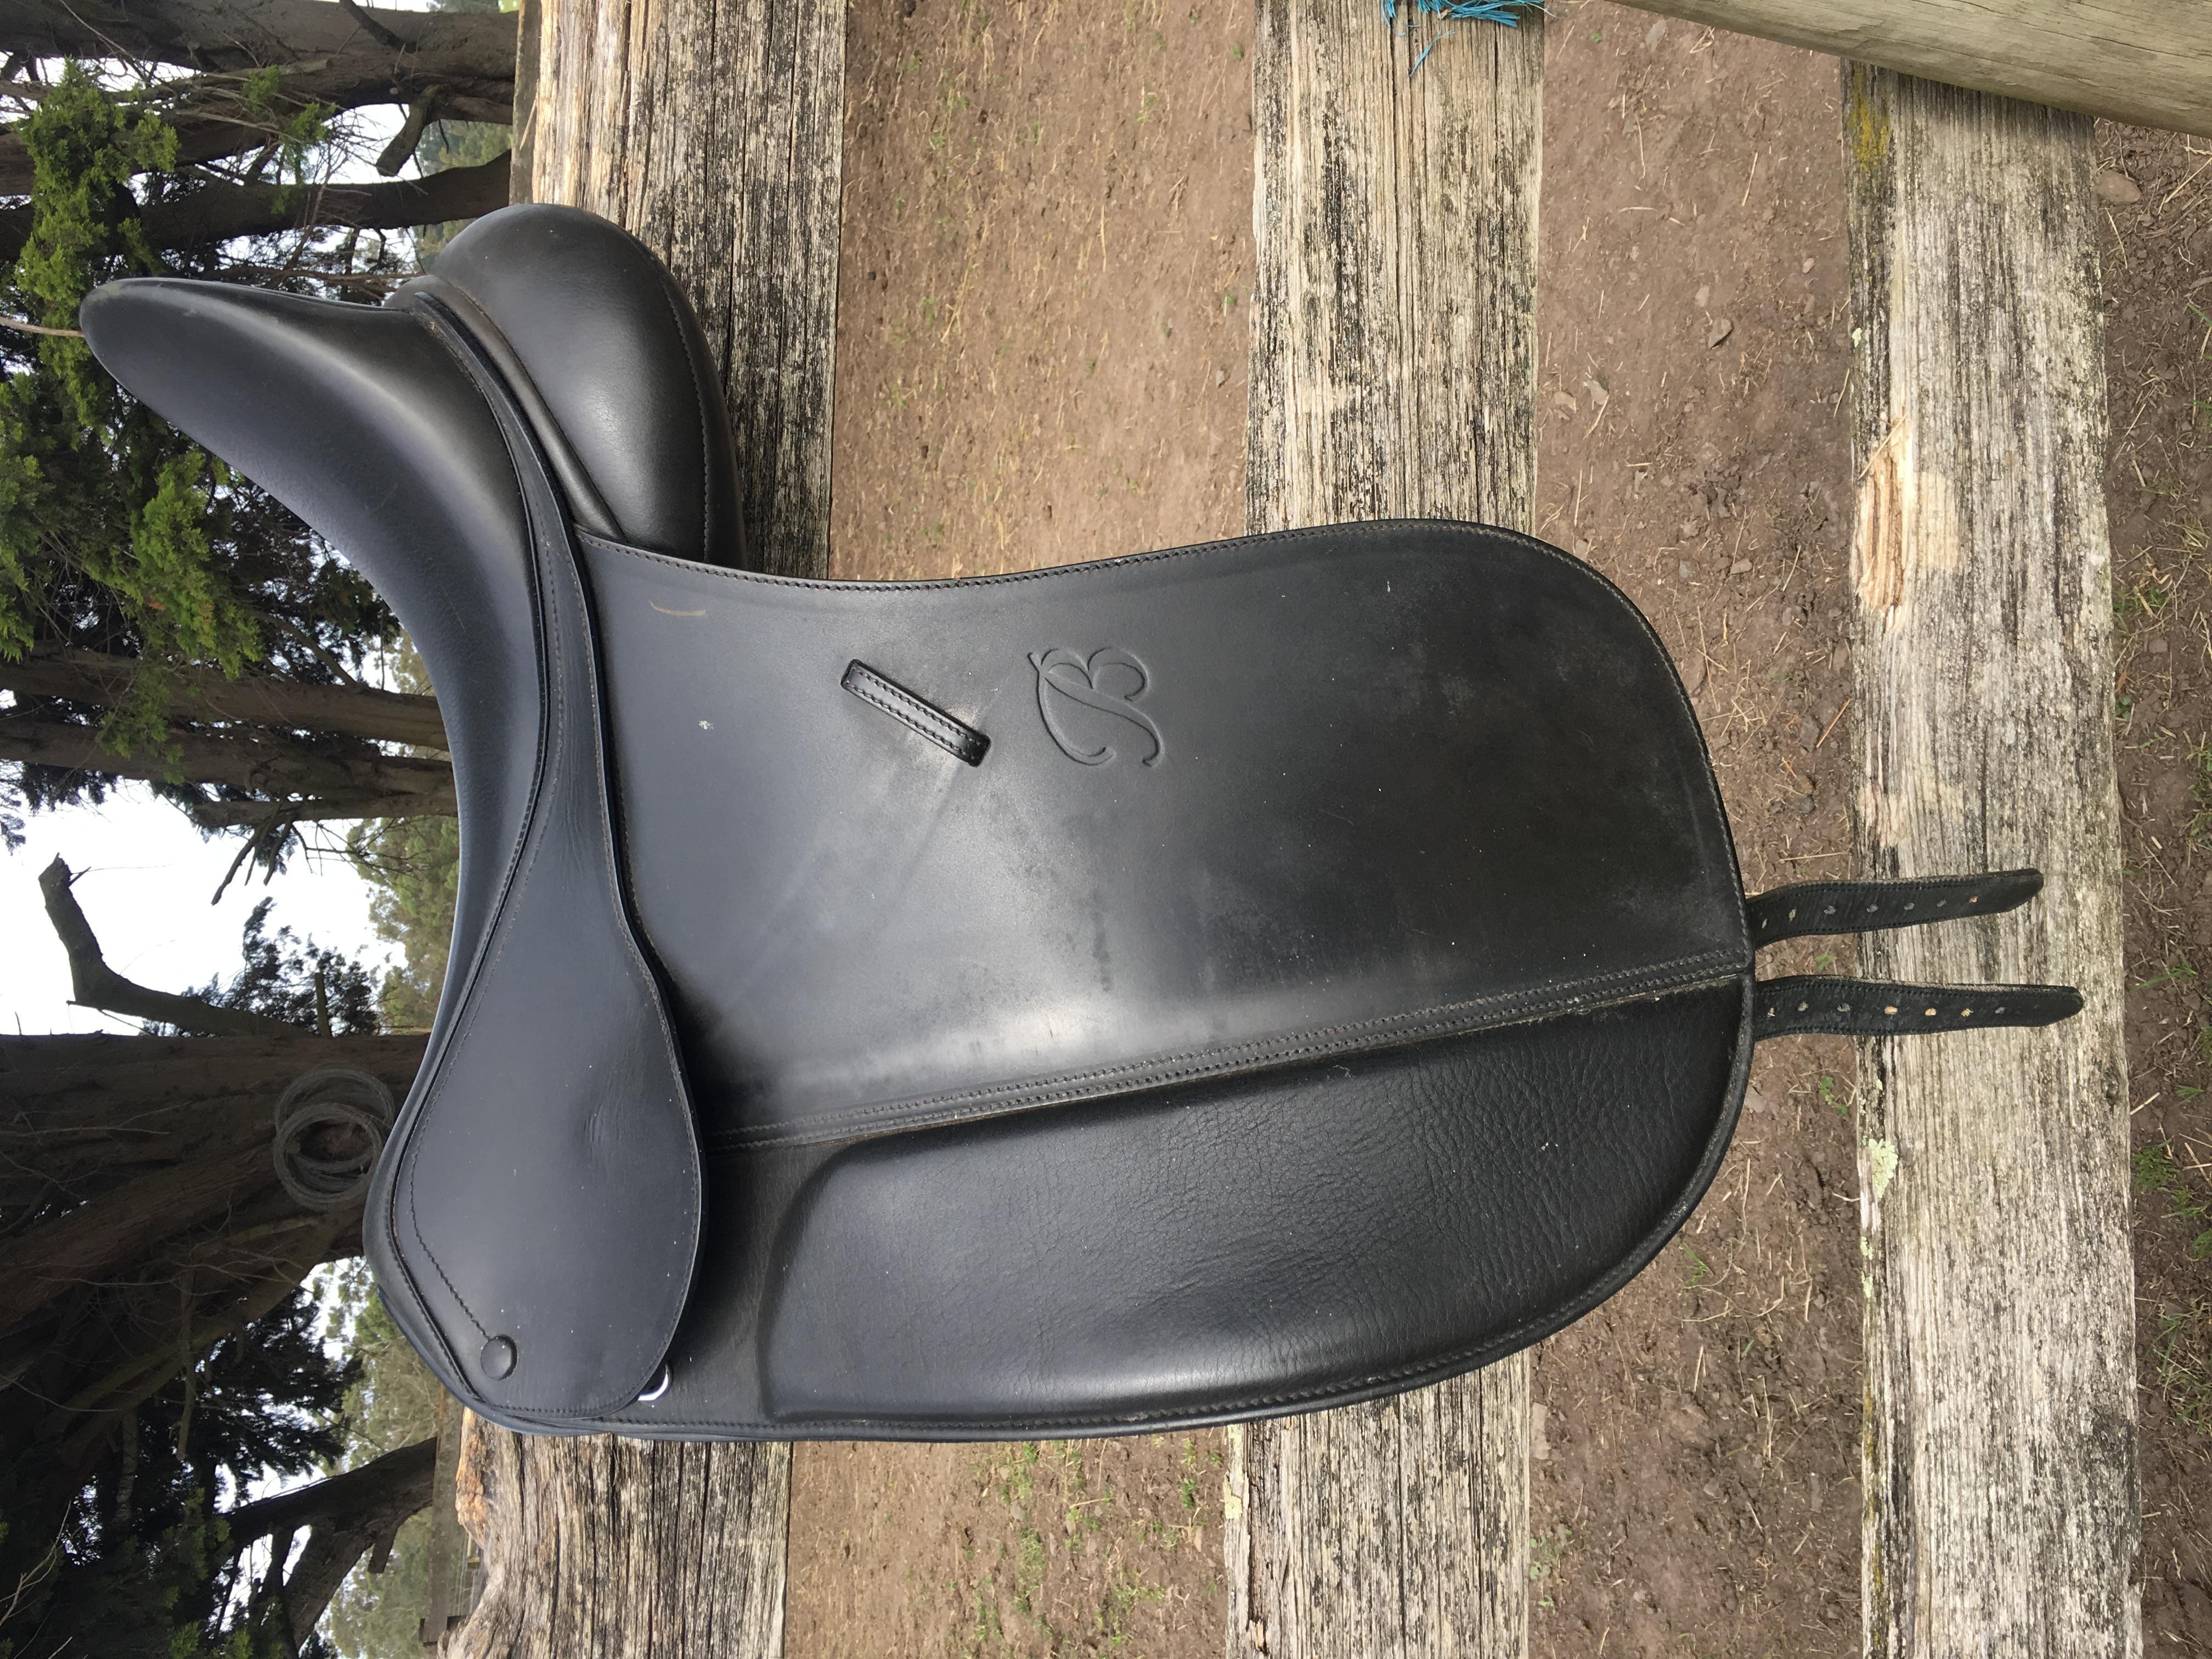 Bates show saddle